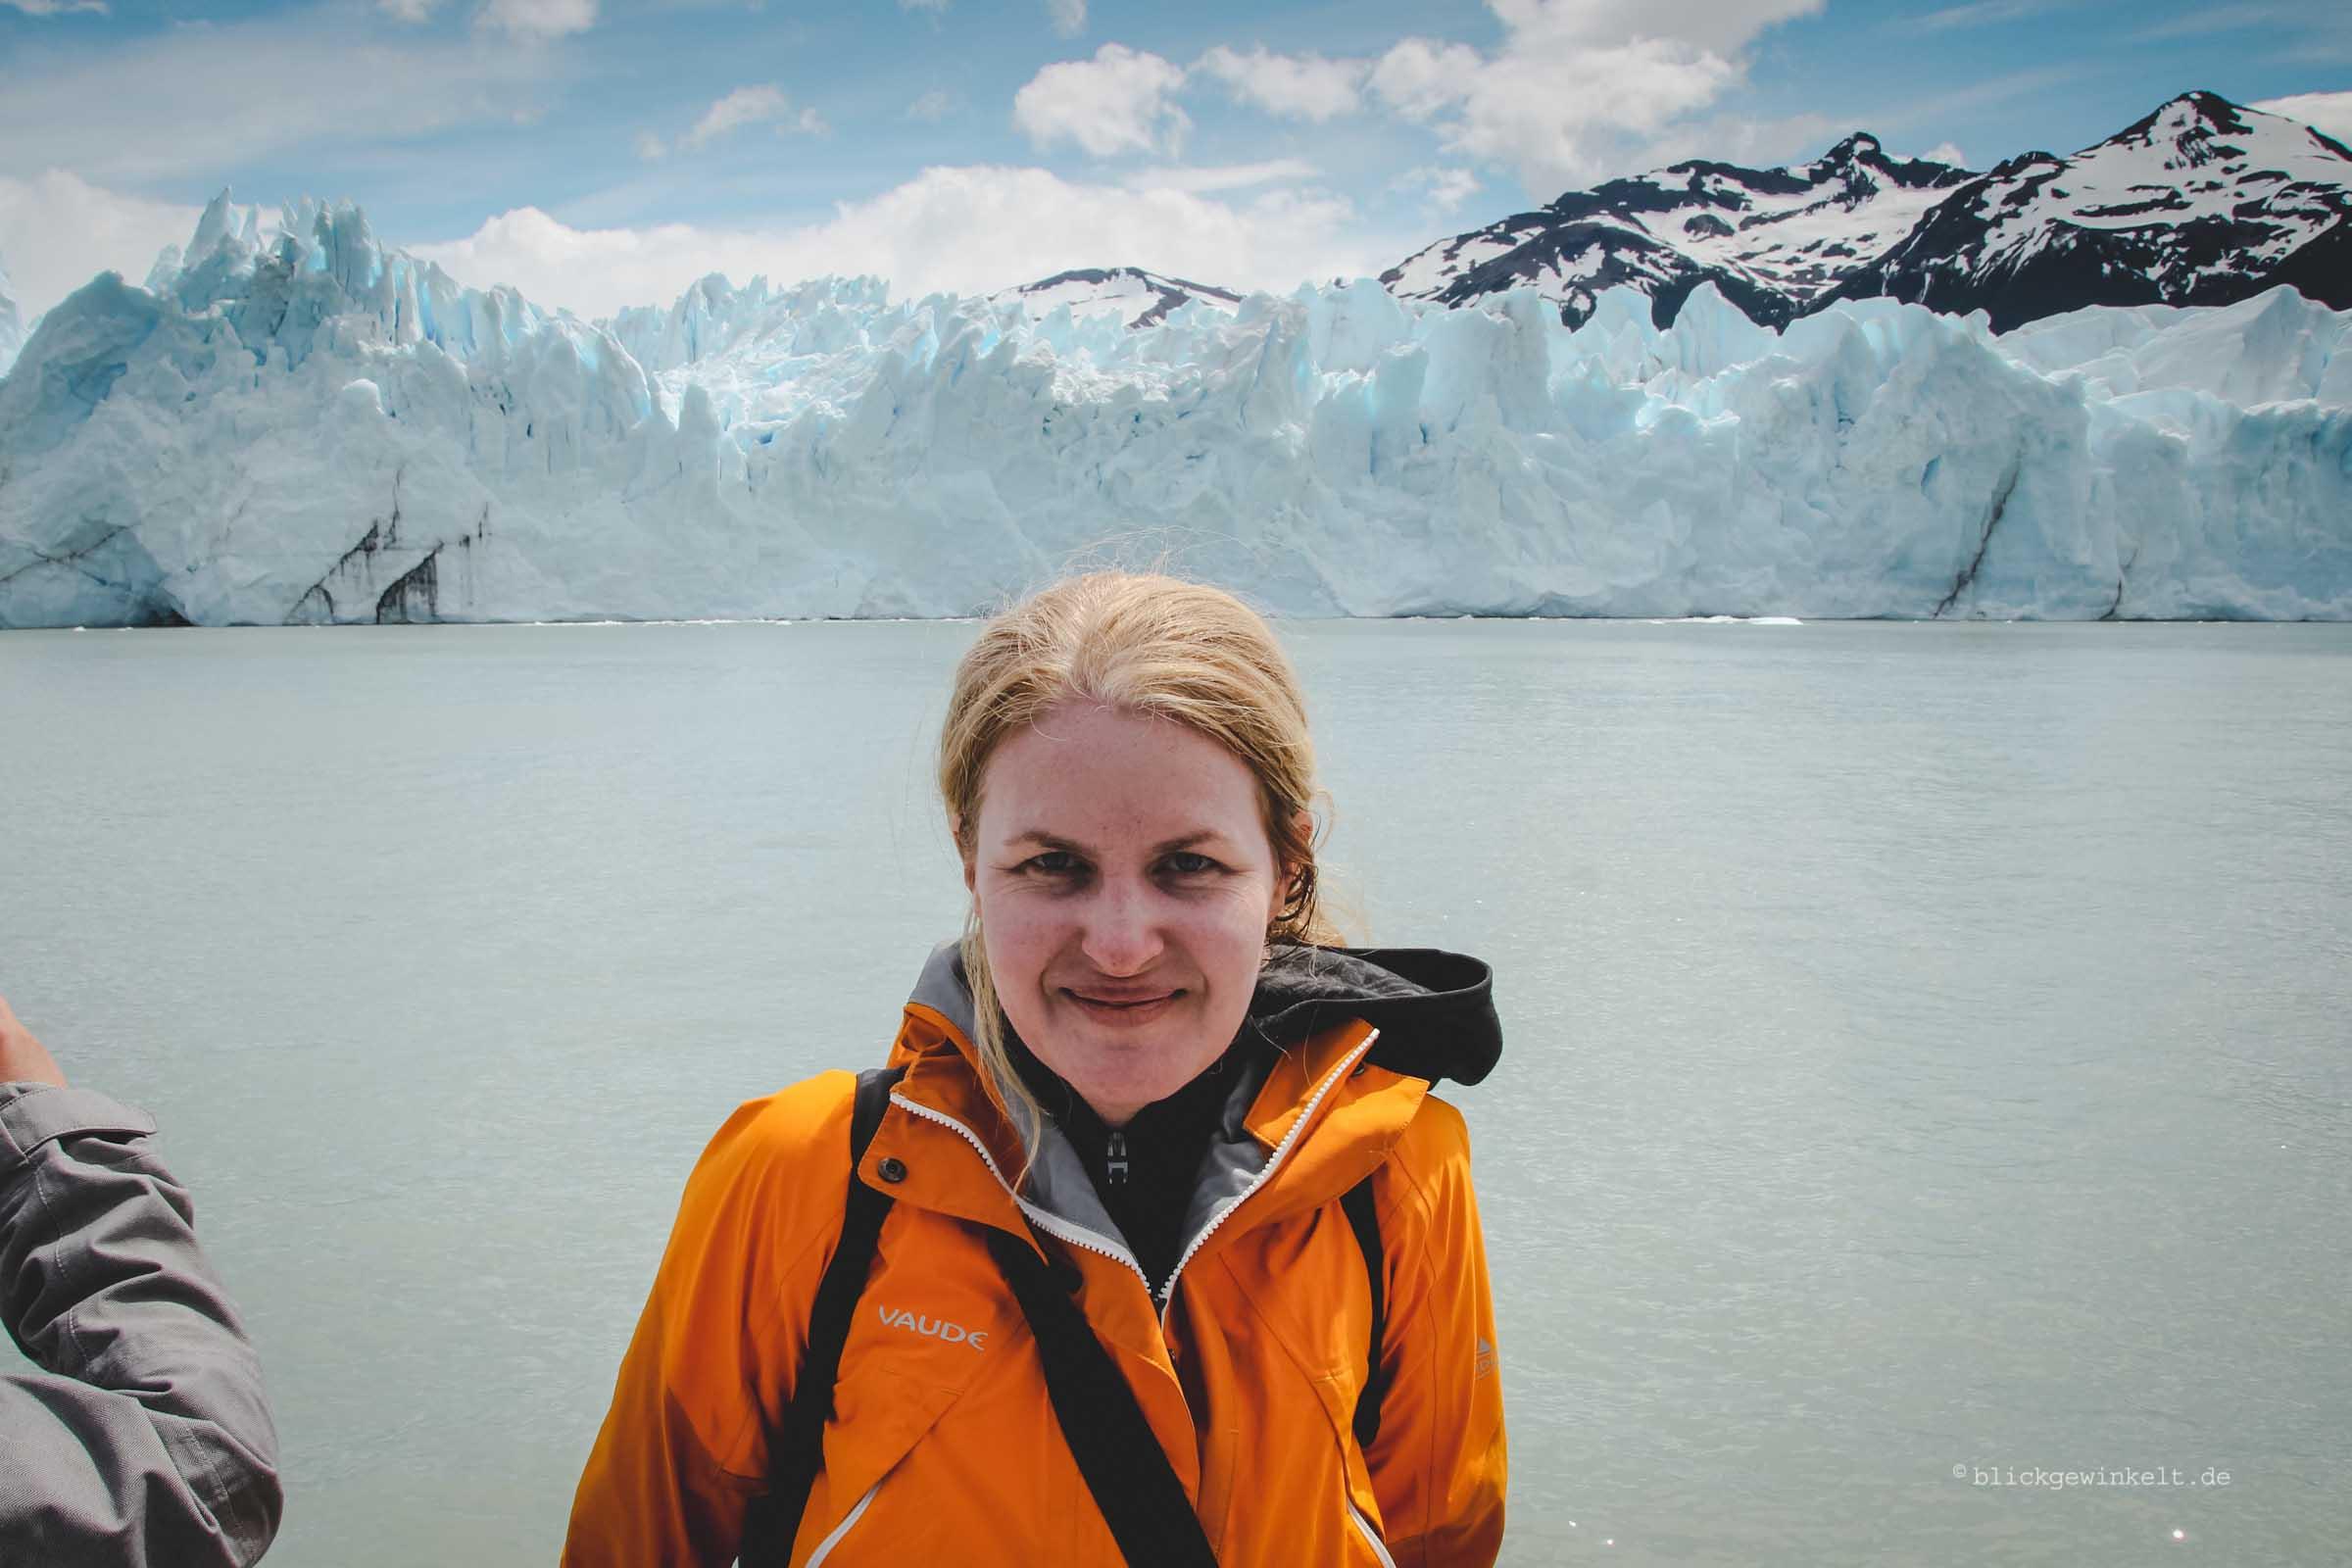 Selfie vor dem Perito Moreno Gletscher in Argentinien